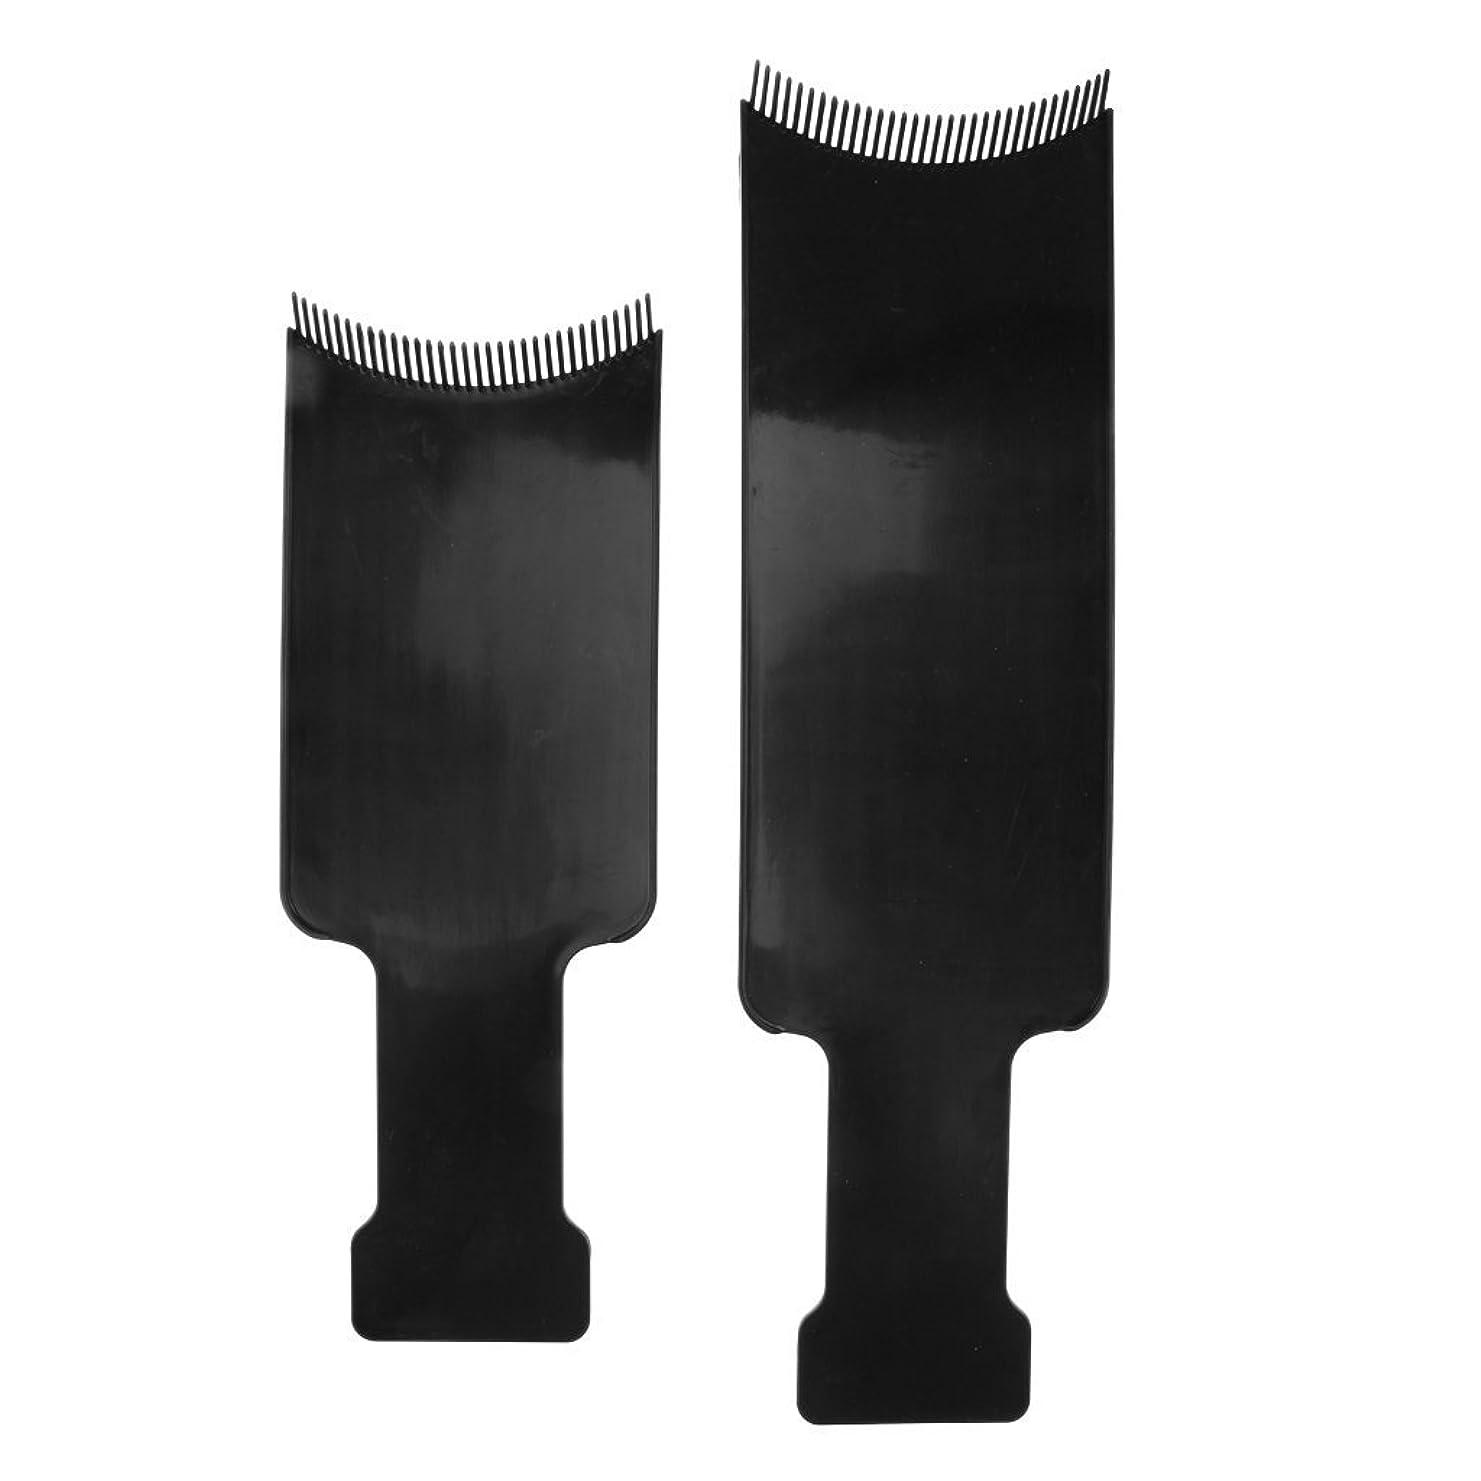 縁放射性うめき声2本 ヘアカラーボード 染色櫛 染色プレート ヘアカラー 便利 自宅用 サロン プラスチック製 ブラック